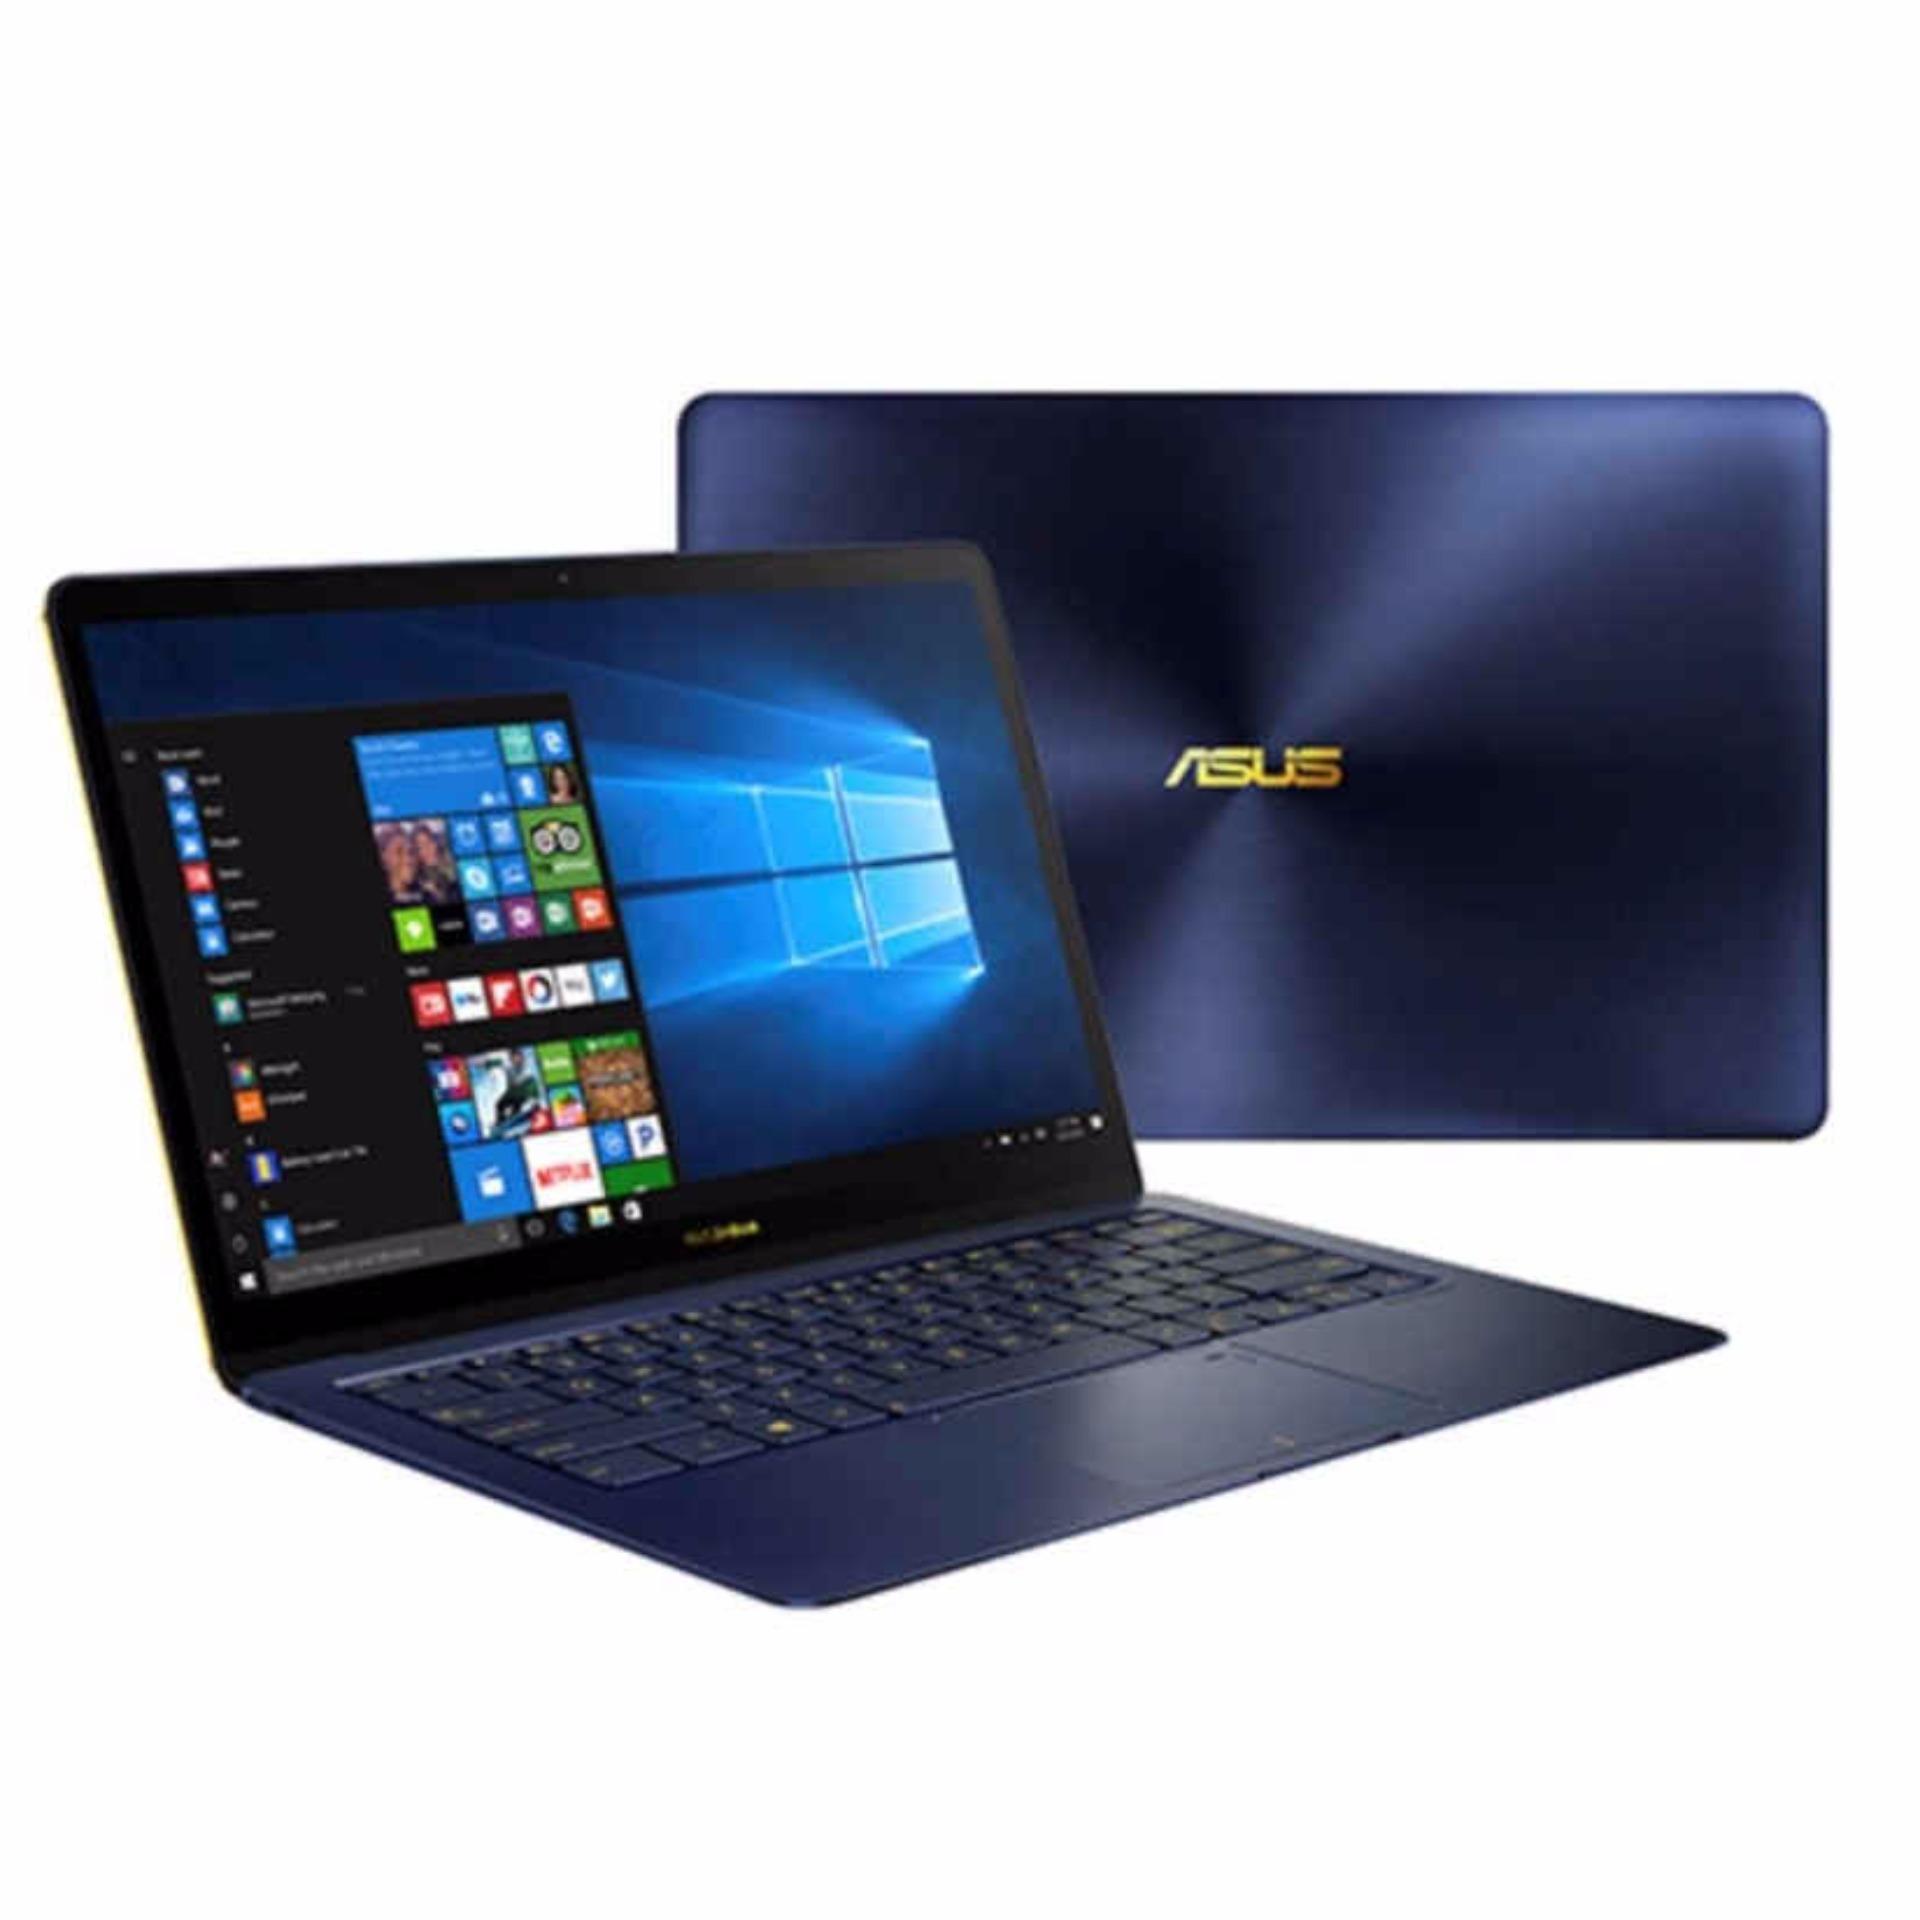 ASUS UX490UA-BE044T Zenbook 3 i5-7200u, 8GB, 512 SSD WIN10